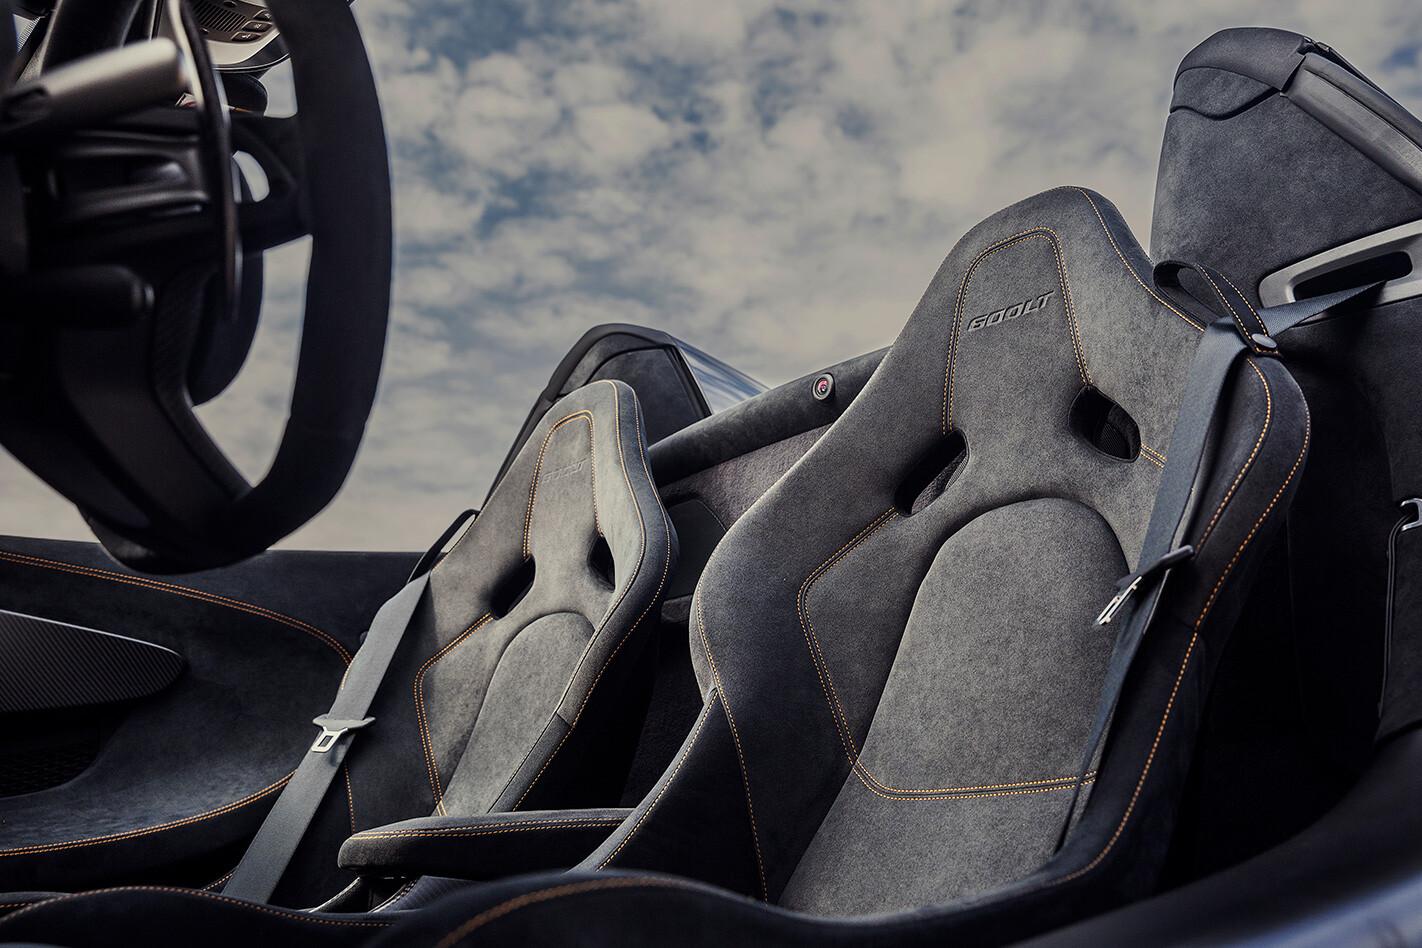 Mclaren 600 Lt Spider Seats Jpg